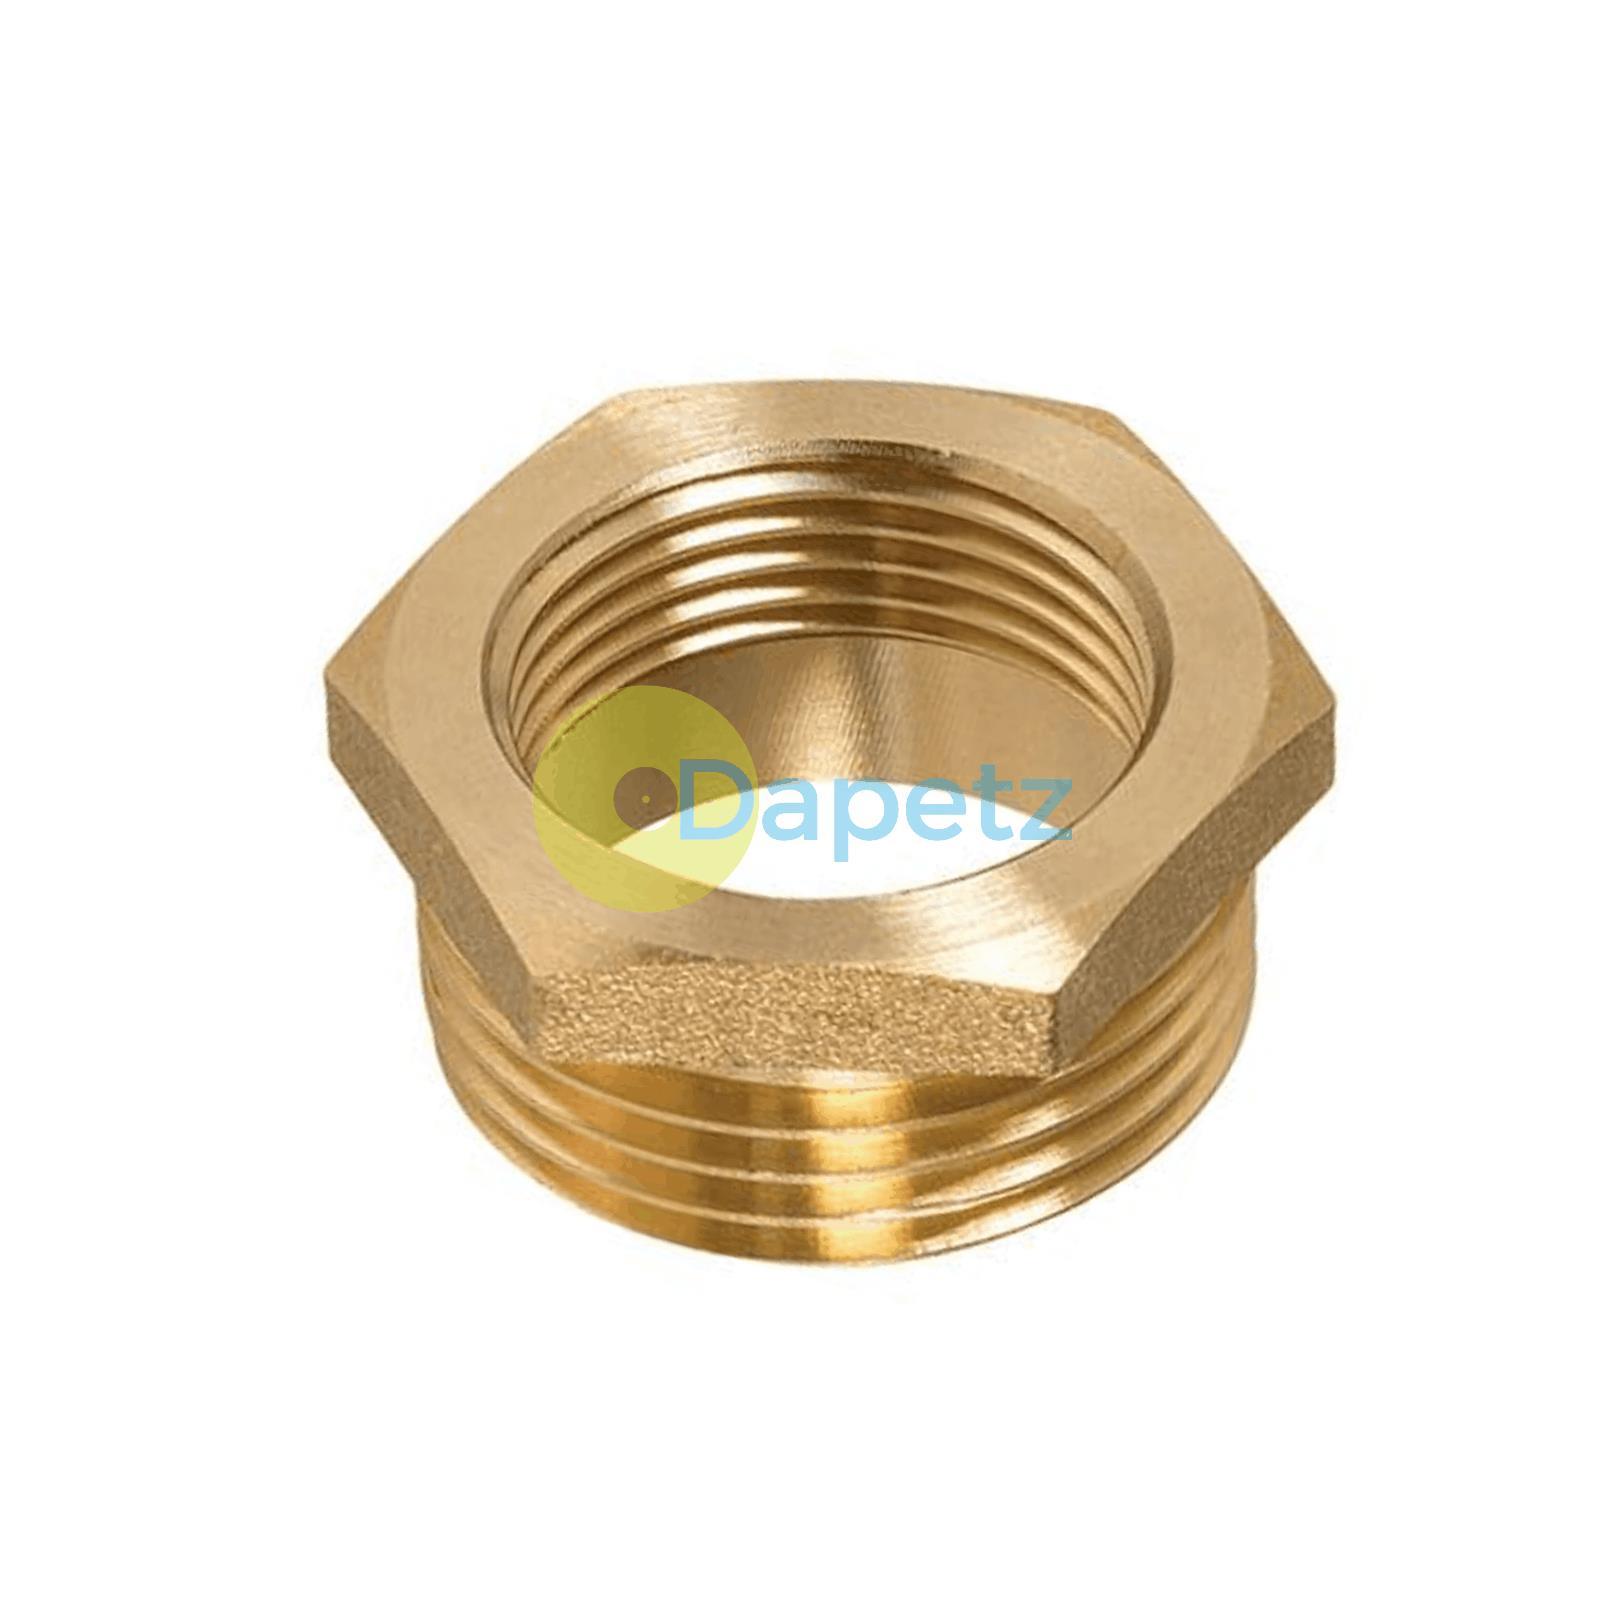 Brass-Reducing-Hexagone-Bush-BSP-Male-a-Femelle-Adaptateur-Connecteur-WRAS-approuves miniature 9